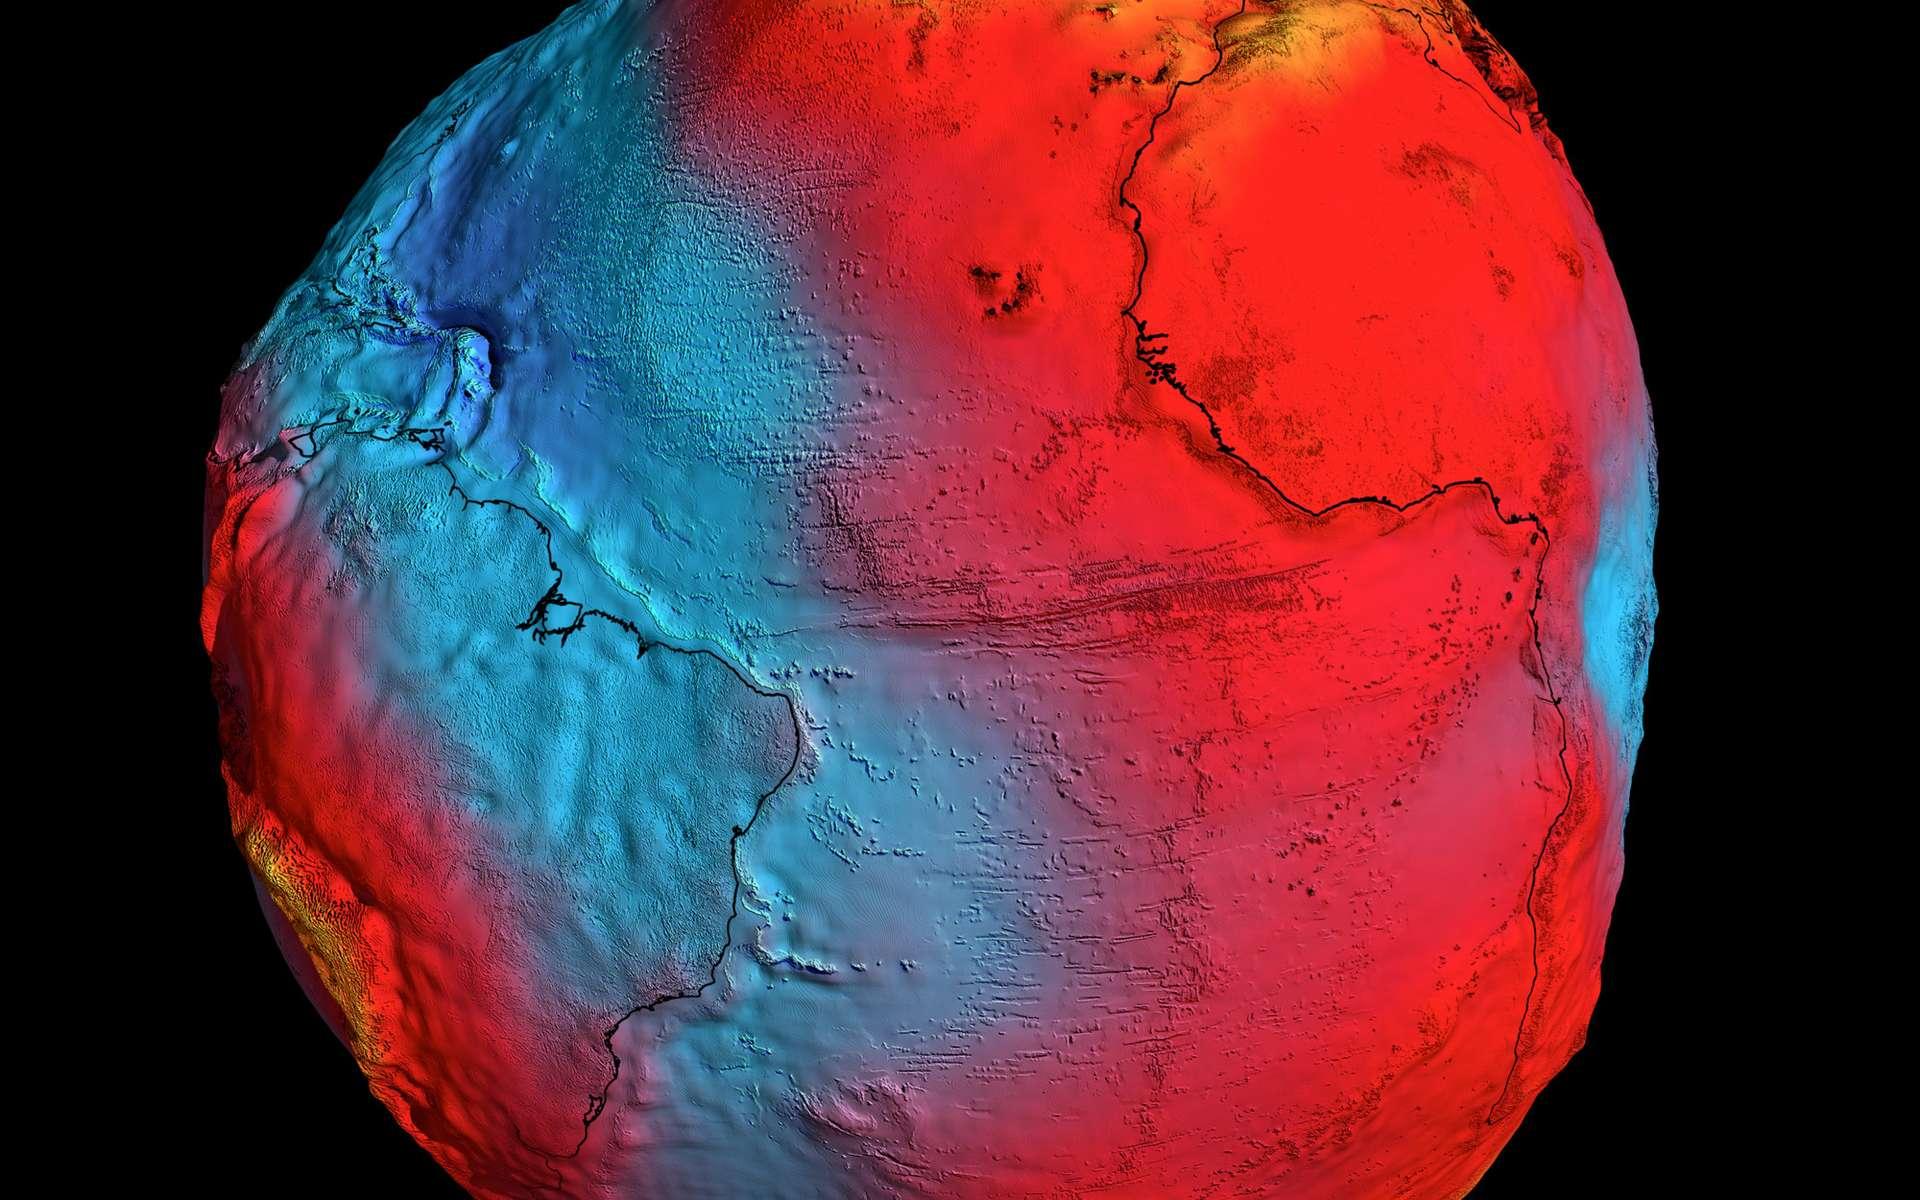 Tracée à partir des données fournies par le satellite Goce, cette carte du géoïde terrestre est la plus précise à ce jour. Son analyse va occuper les chercheurs pendant de nombreuses années dans des disciplines liées à la sismologie, l'océanographie et au changement climatique. © Esa/HDF/DLR